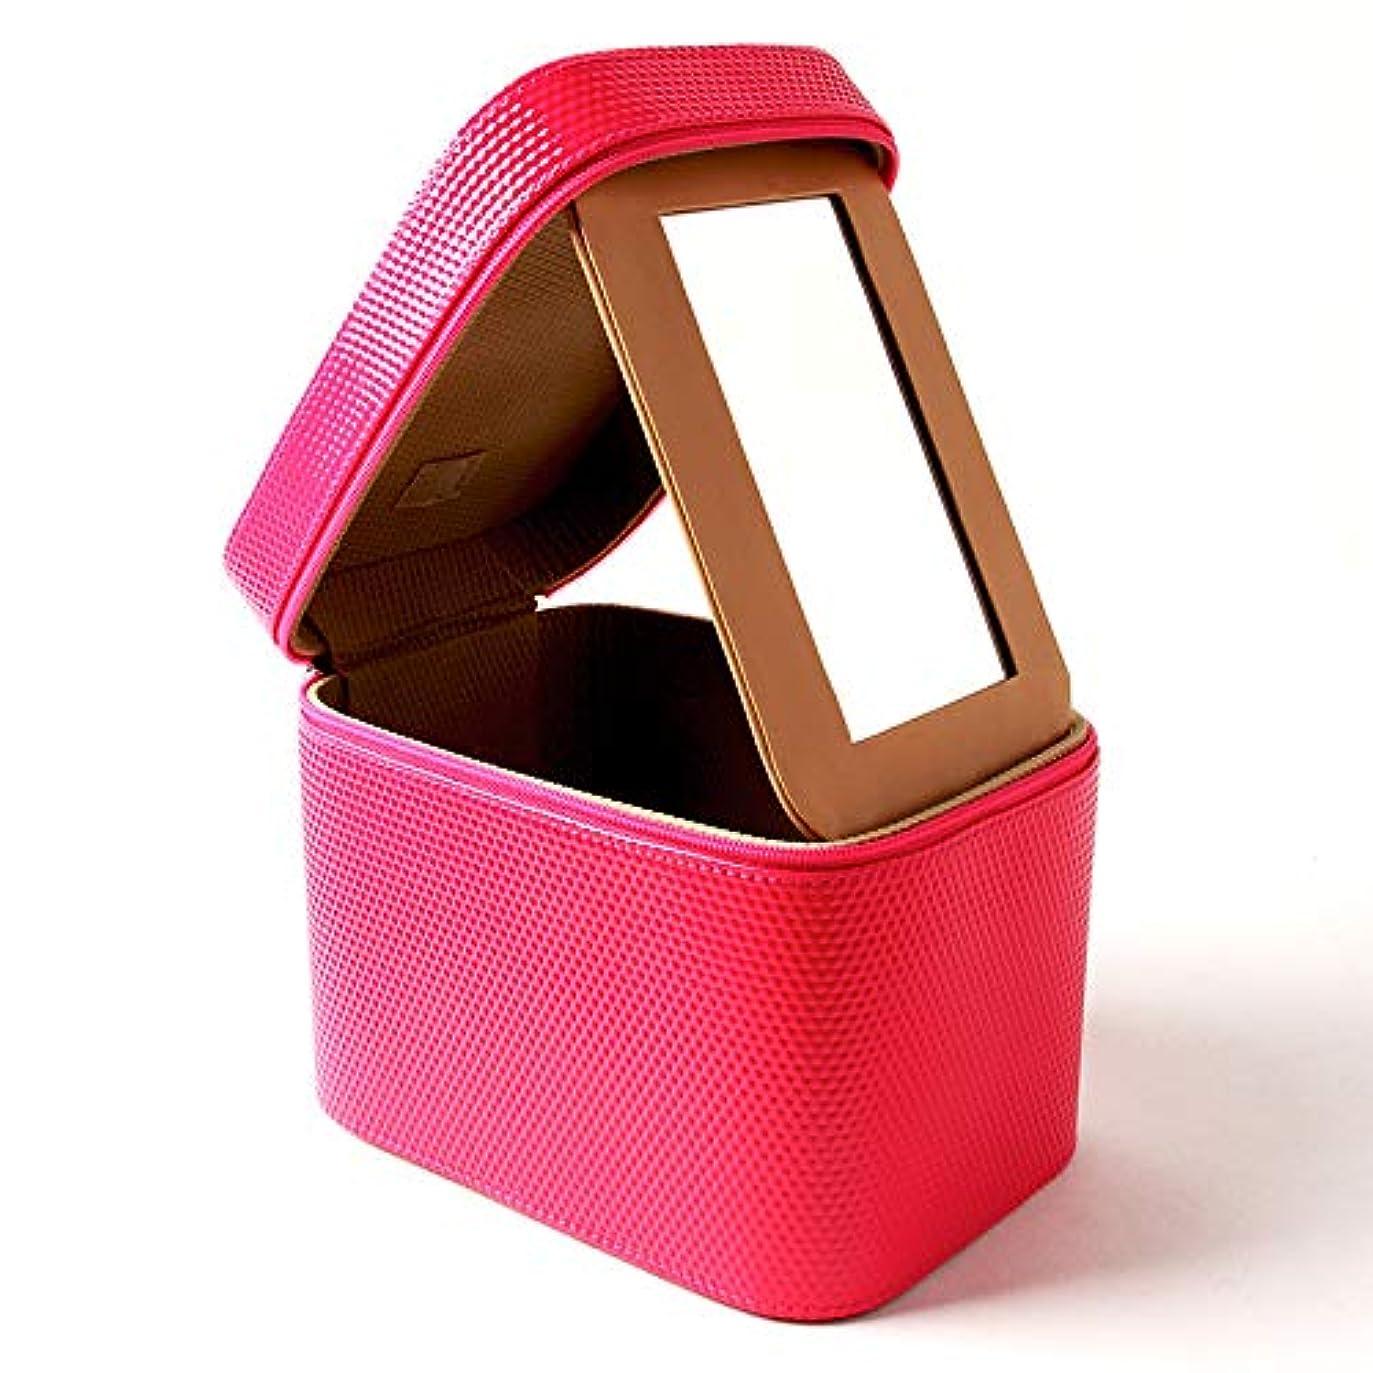 に関してシュガー誘惑メイクボックス ガールズ メイクポーチ 鏡付き 23×15×18cm 化粧ポーチ コスメ収納ポッチ 洗面用具入れ フック付き 収納バッグ おしゃれ 小物整理 超軽量 出張用 旅行用 化粧ケース